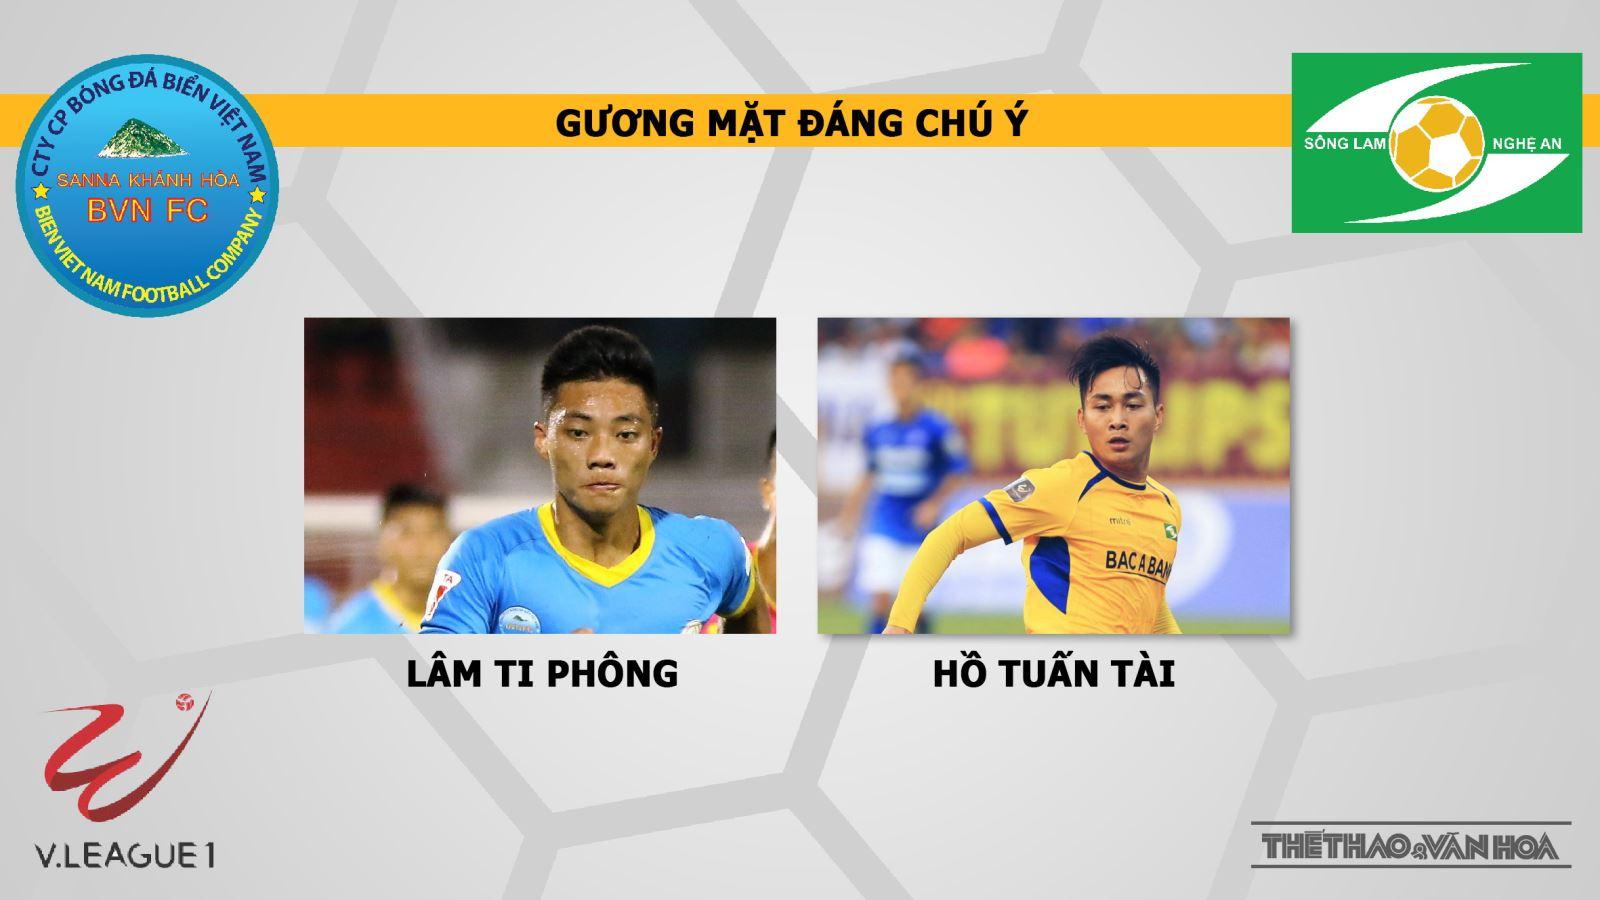 truc tiep bong da hôm nay, Khánh Hòa vs SLNA, trực tiếp bóng đá, Khánh Hòa đấu với SLNA, V League, SLNA, xem trực tuyến, VTV6, thể thao TV, BĐTV, FPT Play